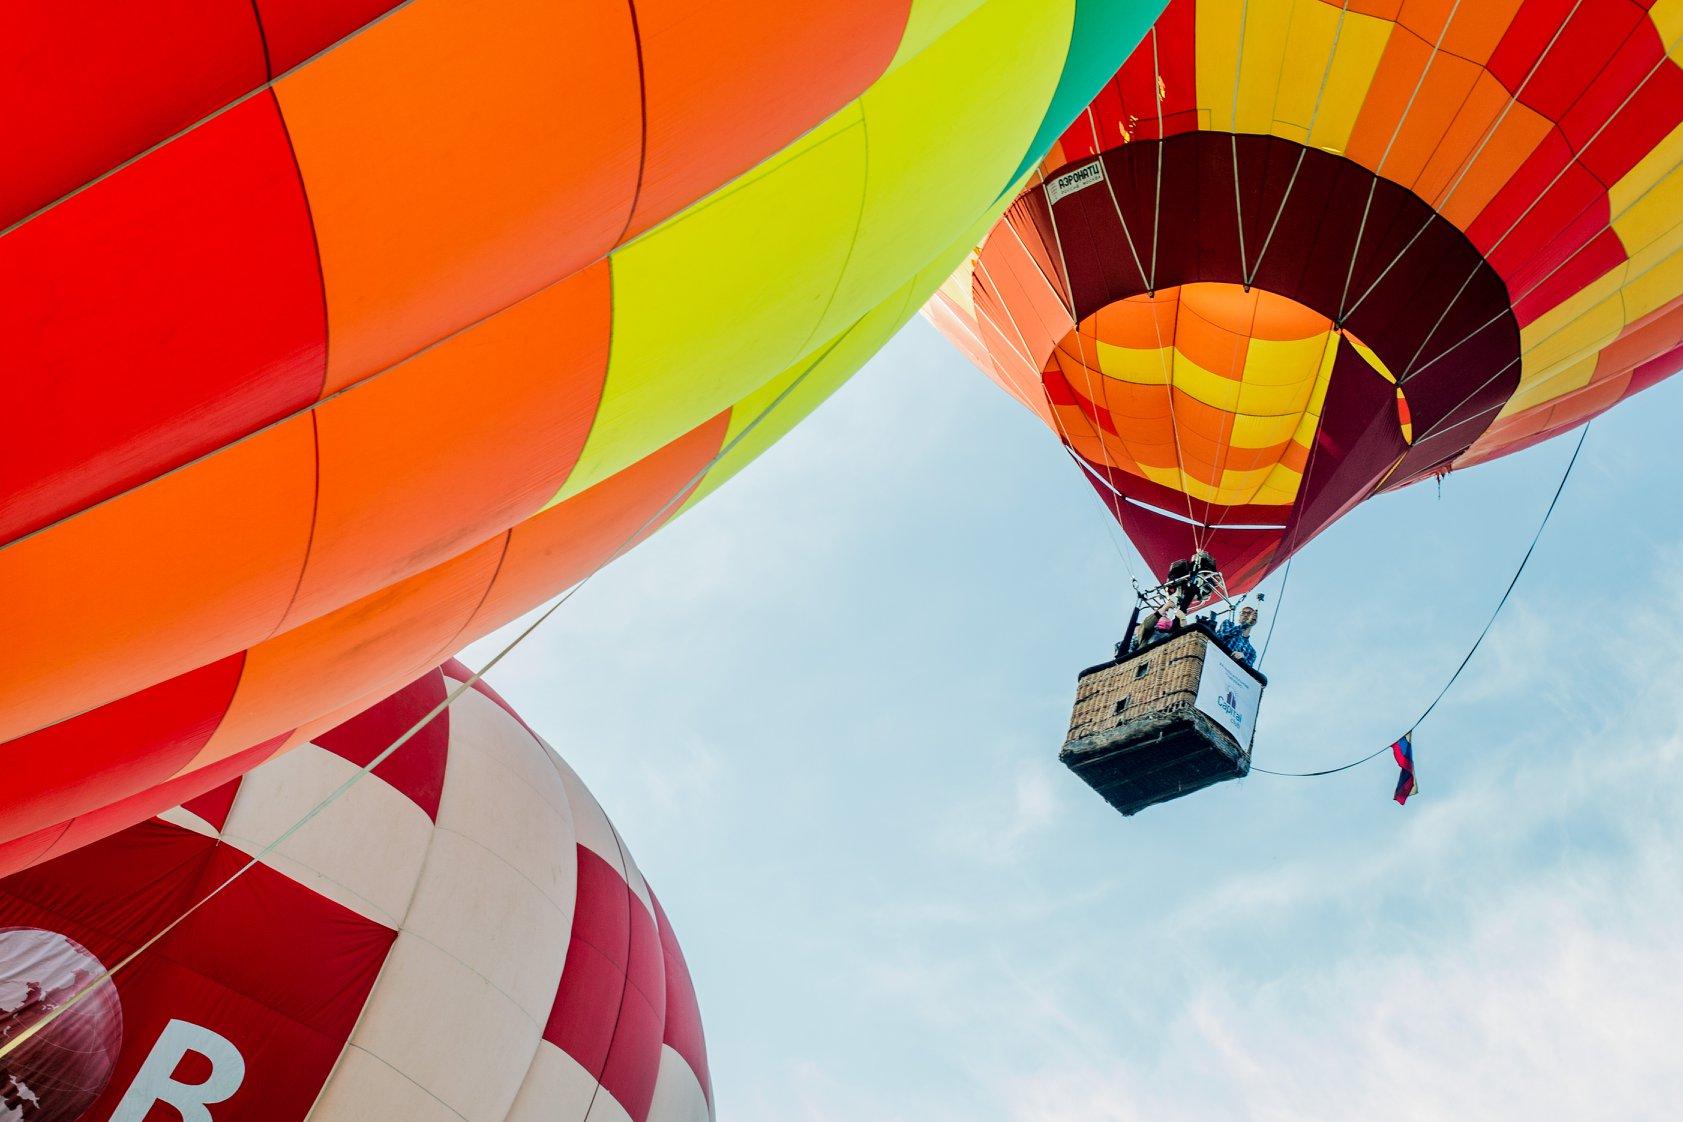 Соревнования по воздухоплавательному спорту впервые пройдут в Арзамасе